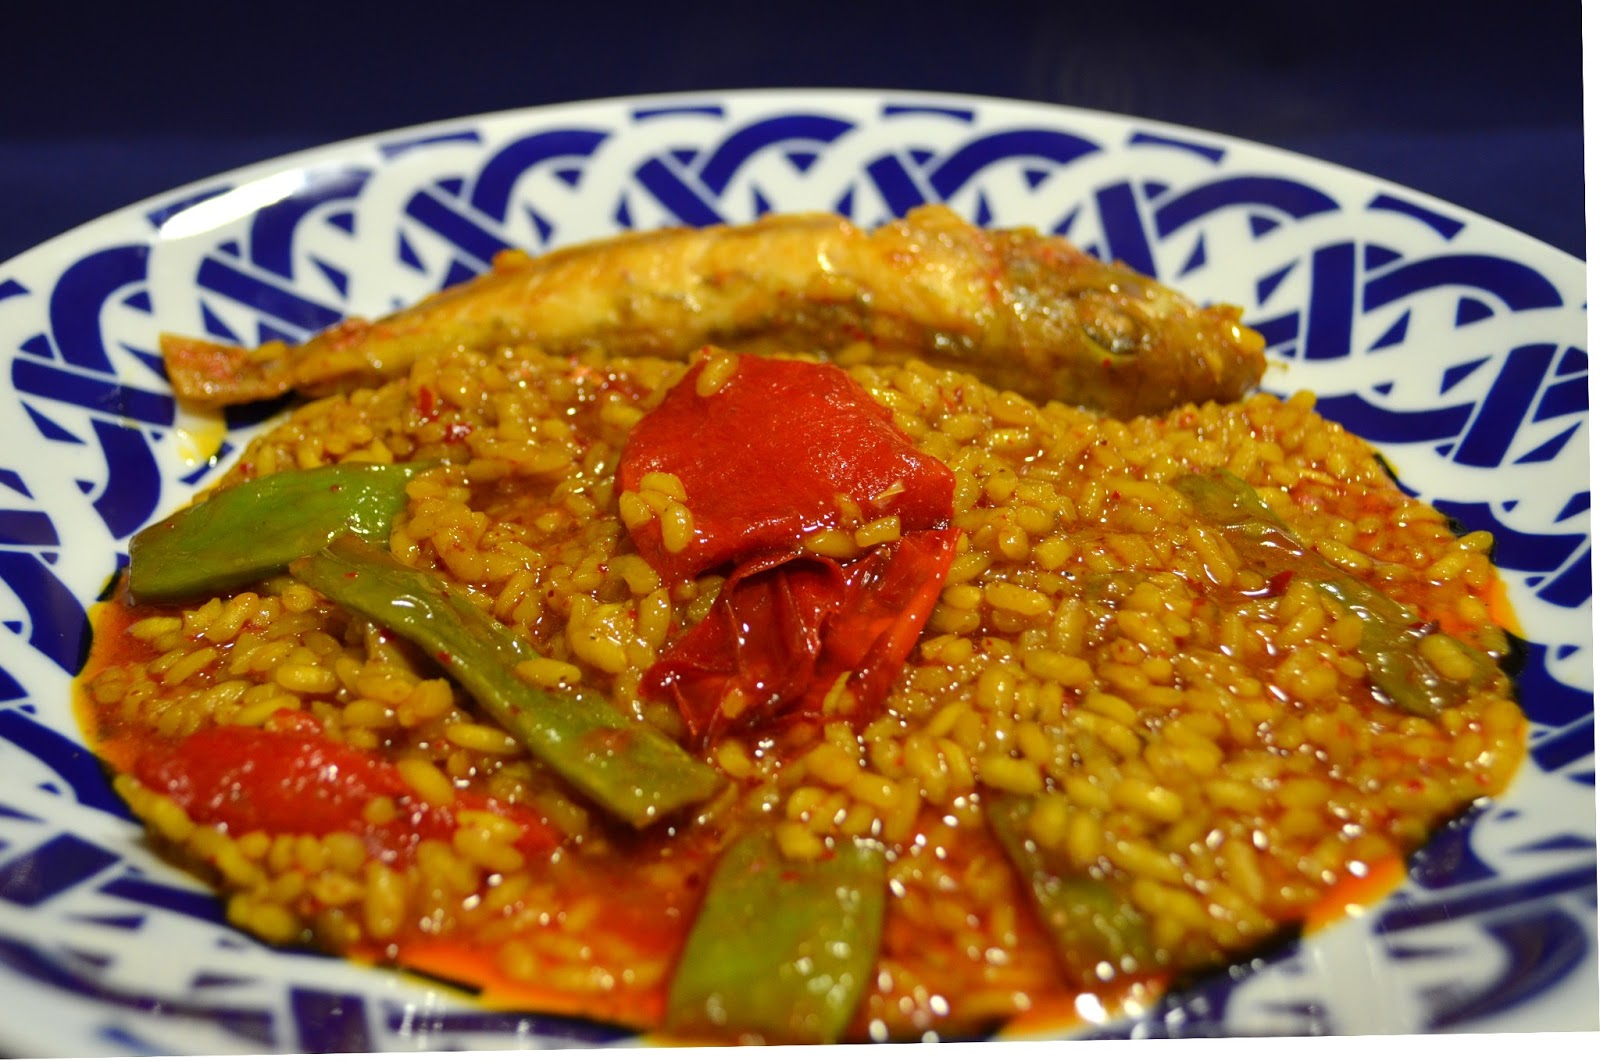 Cocinar con c arroz meloso con salmonetes arr s amb molls for Cocinar con 5 ingredientes